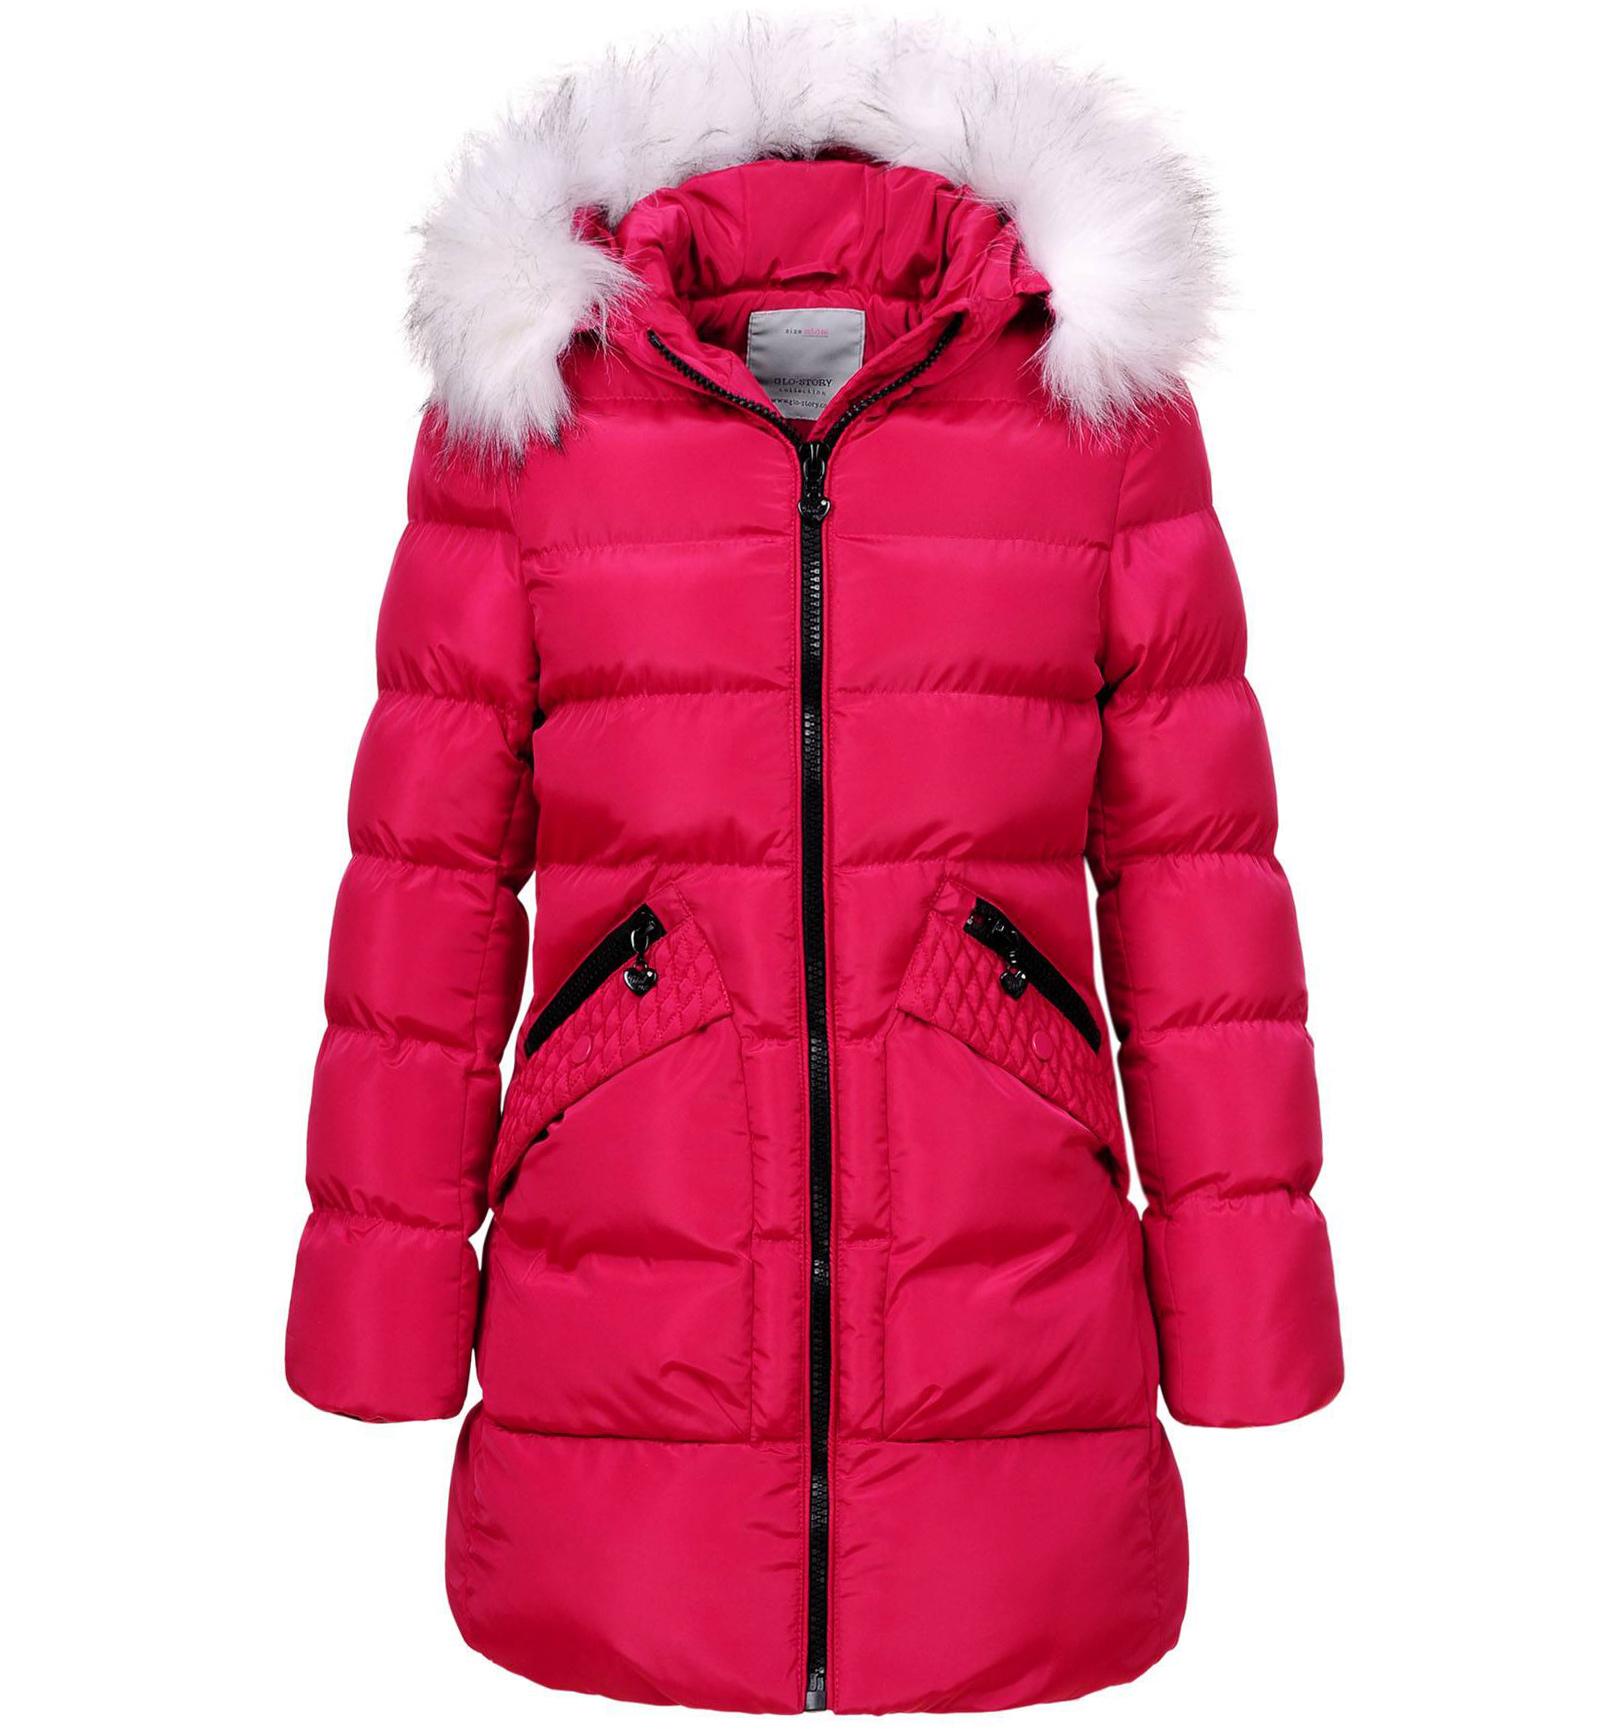 Dívčí zimní kabát GLO STORY GIRL 96 tmavě růžový Velikost: 134